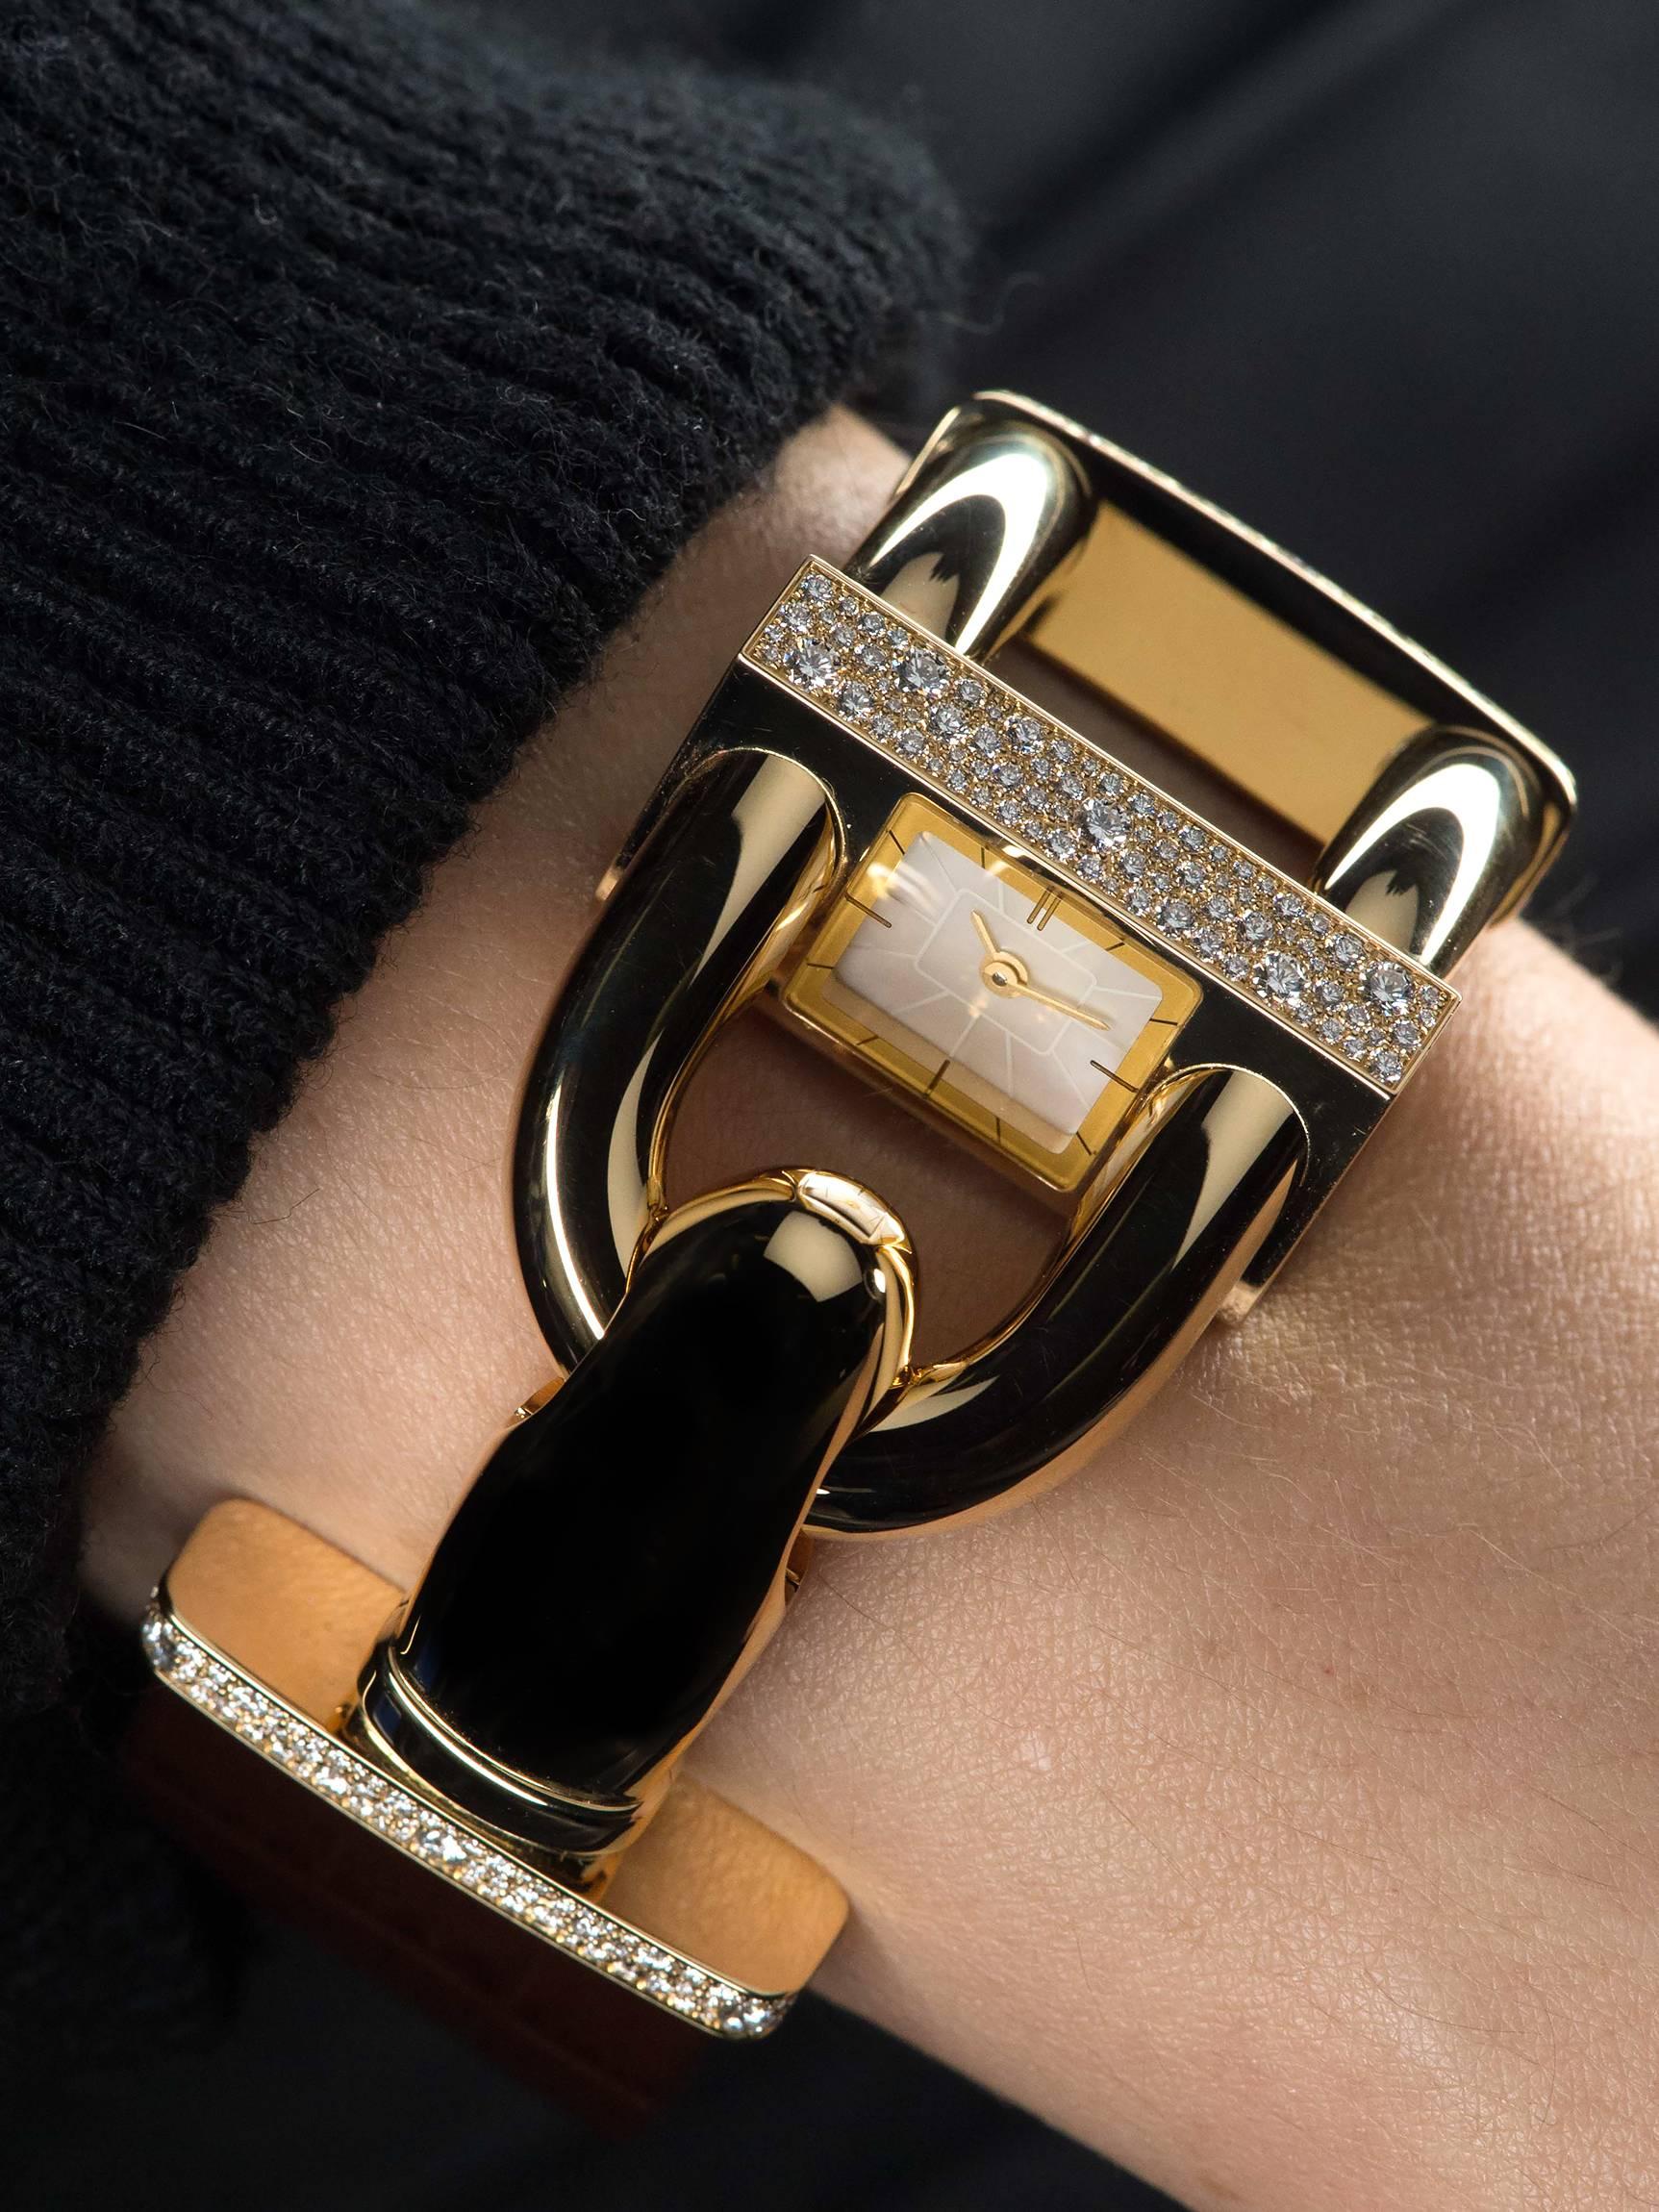 Van Cleef & Arpels Cadenas Ladies Watch 2015 Wrist